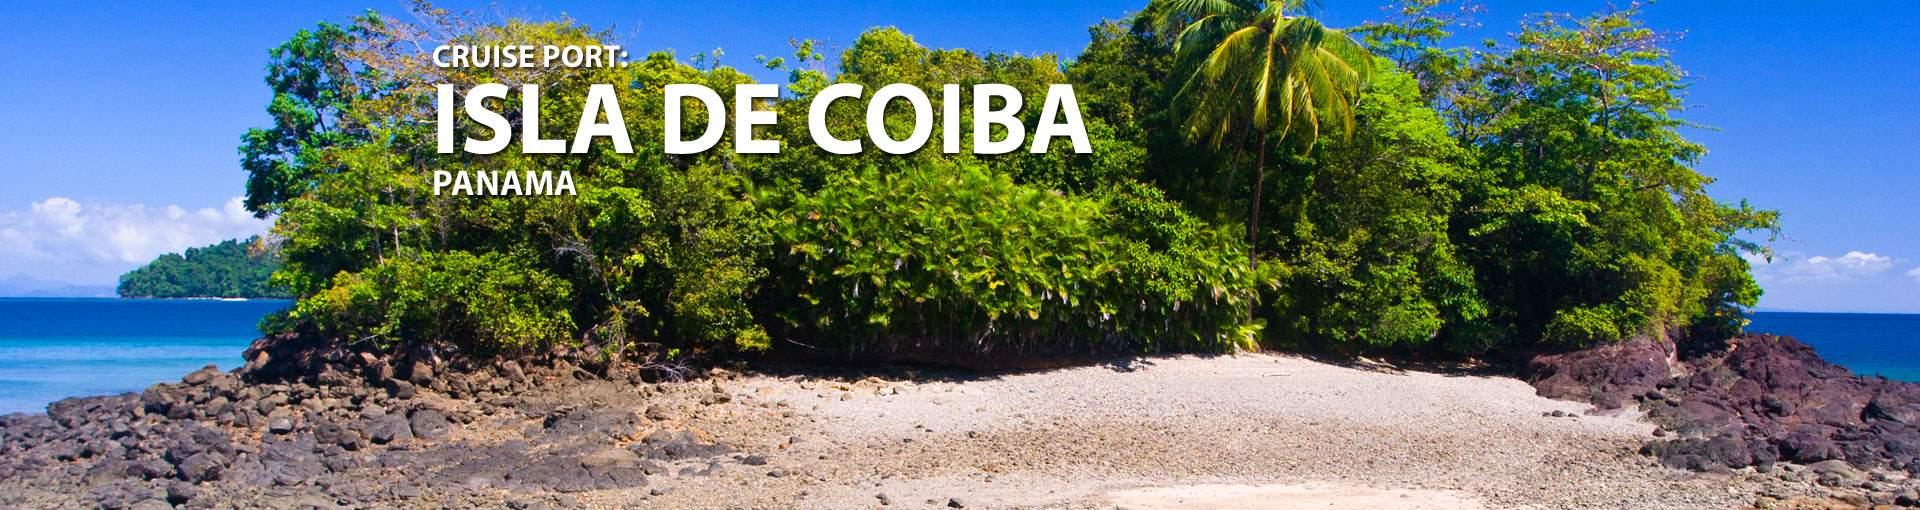 Cruises to Isla De Coiba, Panama